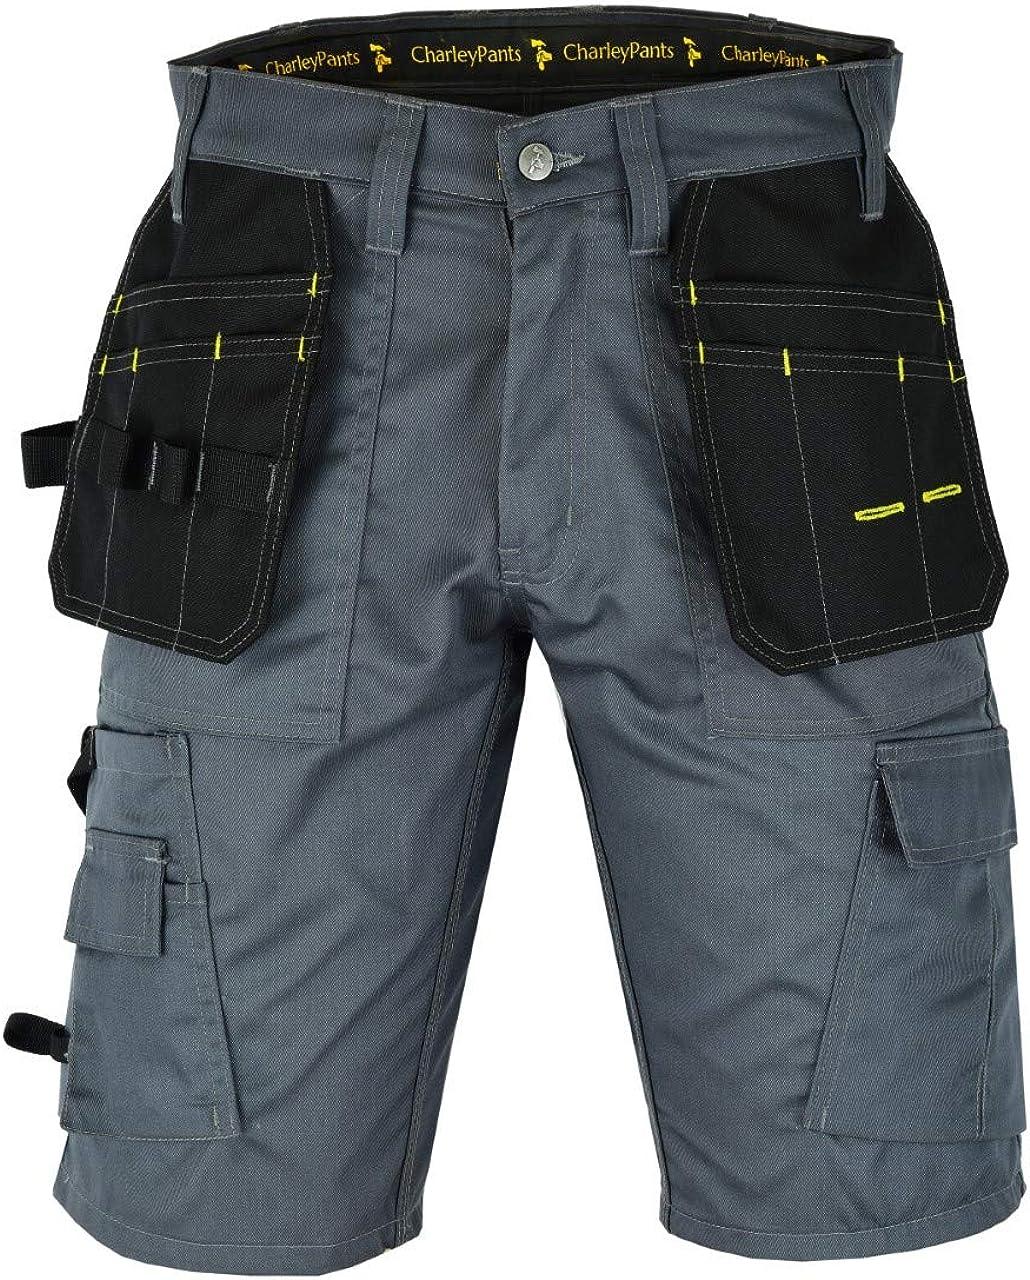 D2S Craftsman Cargo Work Shorts with 12 Inseam